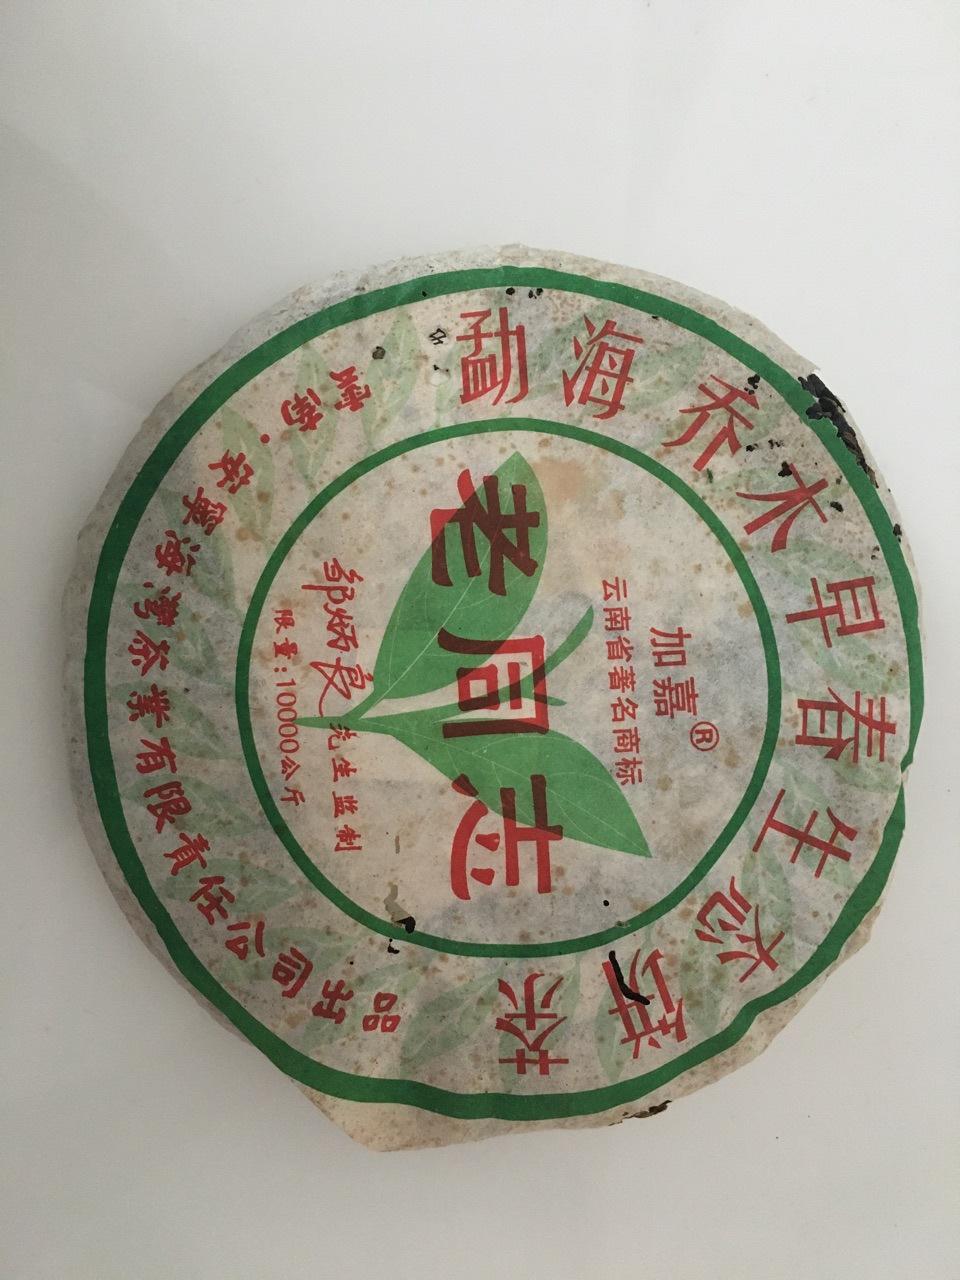 老同志普洱茶(2005年生普)